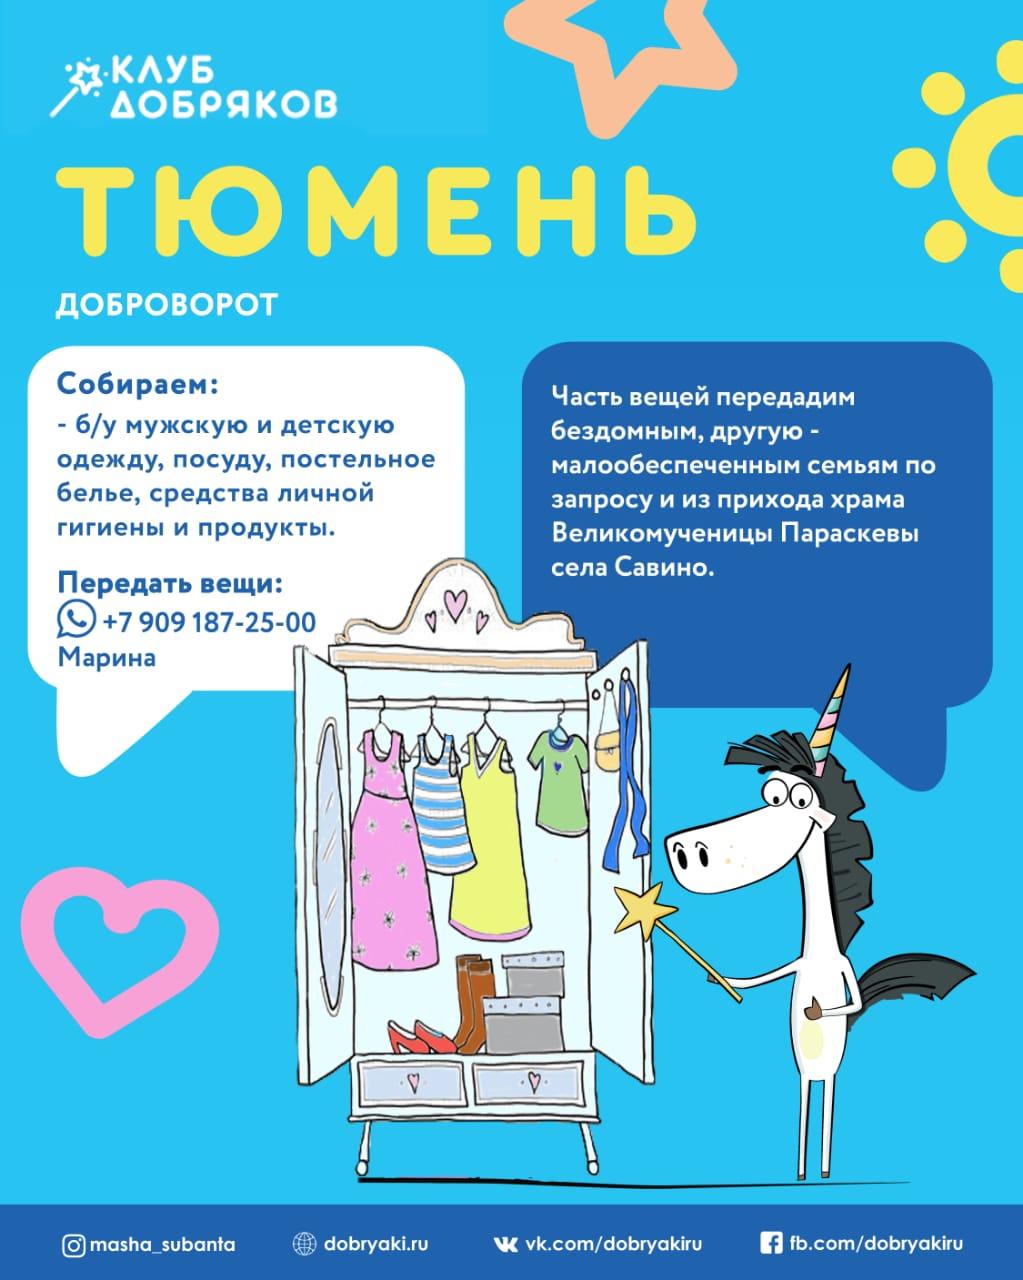 """Акция """"Доброворот"""" будет проходить в Тюмени на постоянной основе"""